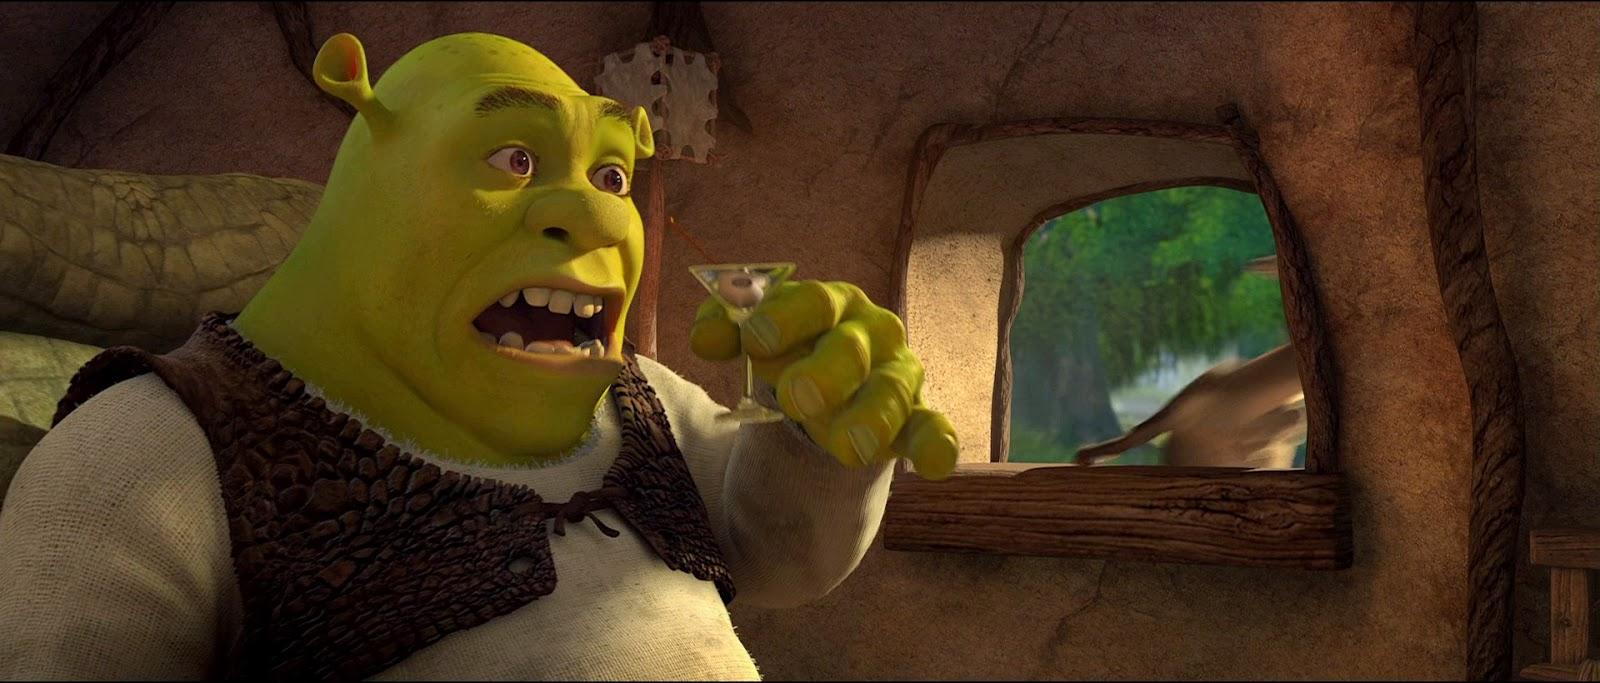 Shrek Forever After (2010) S4 s Shrek Forever After (2010)